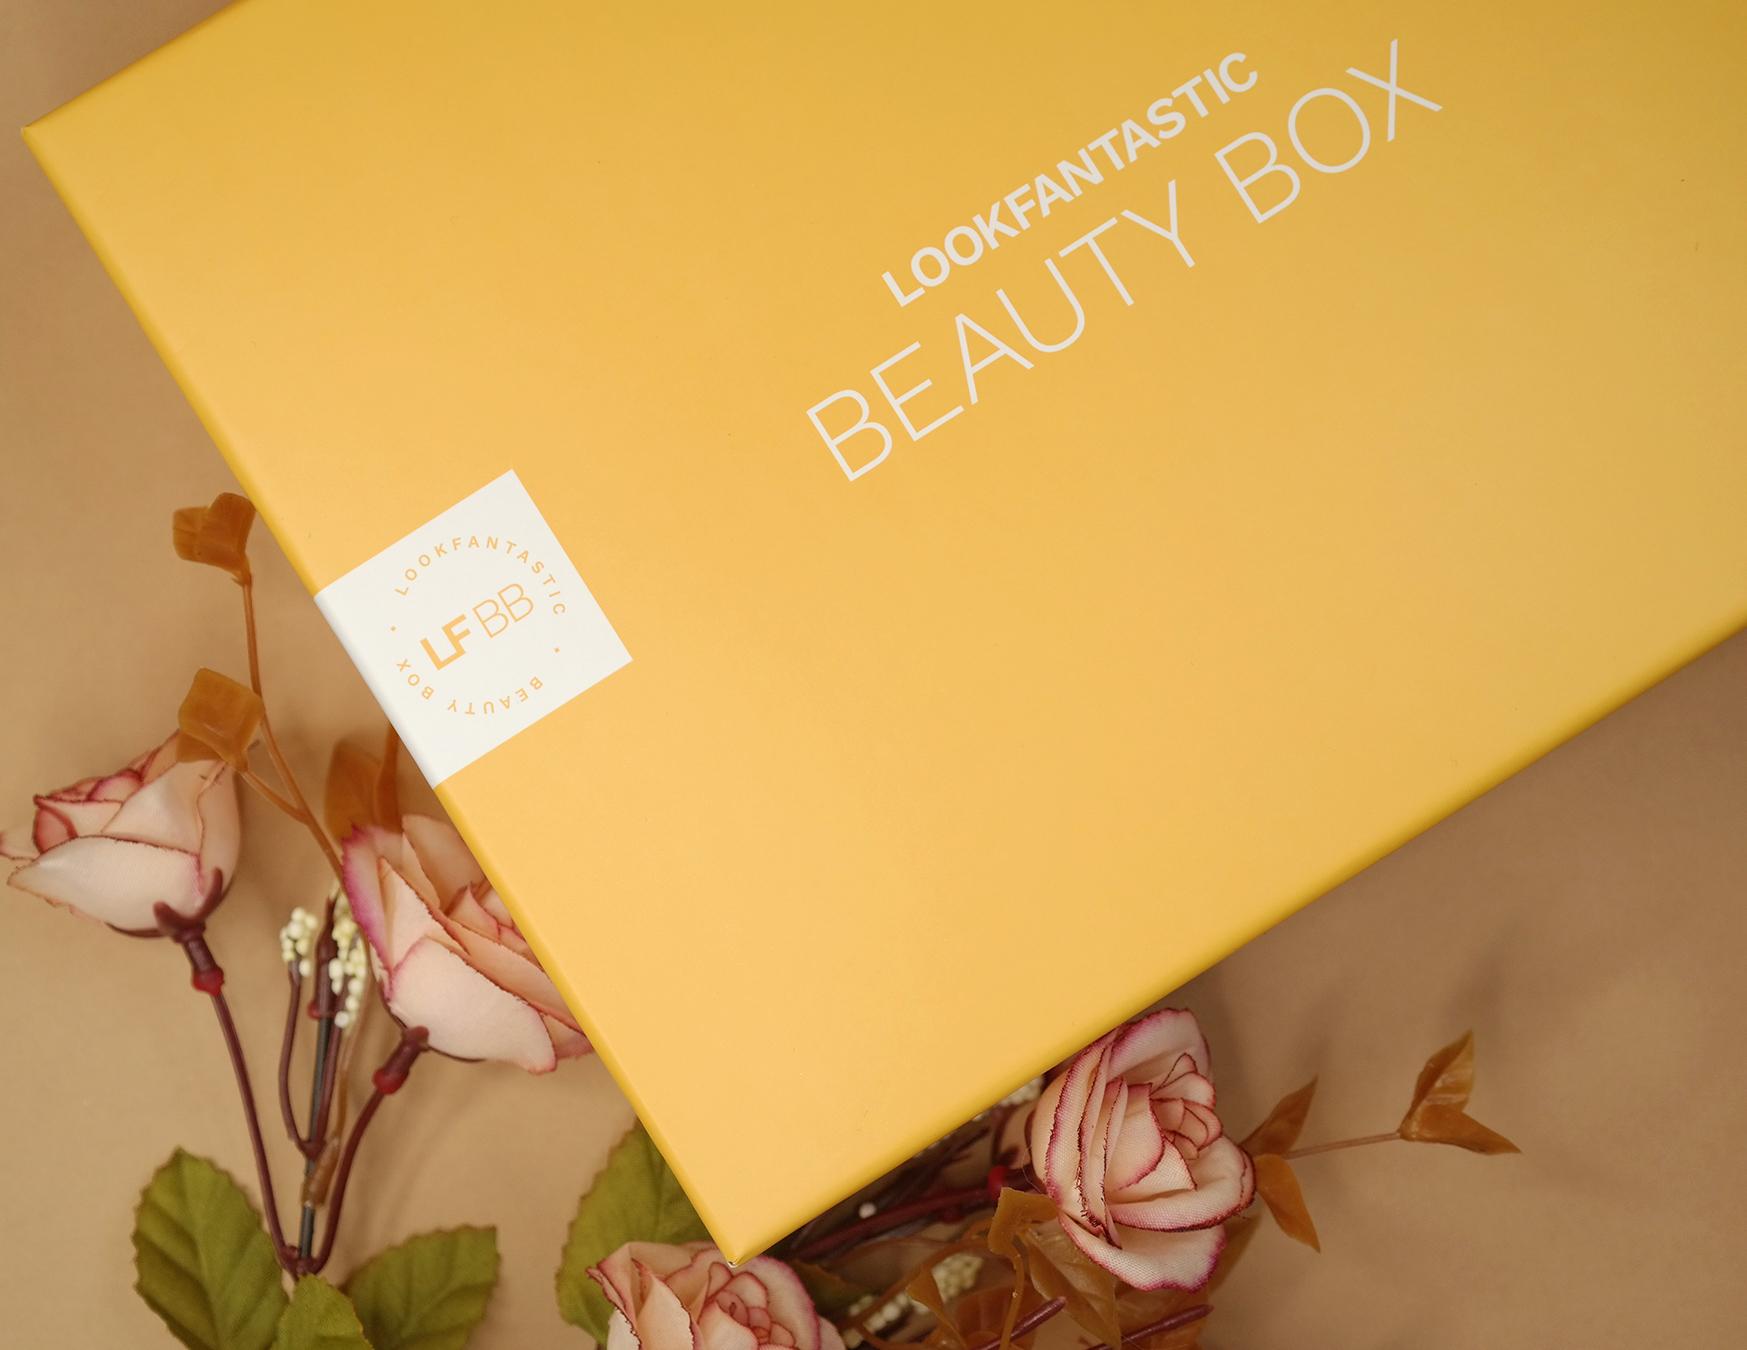 Lookfantastic beauty box lokakuu 2021